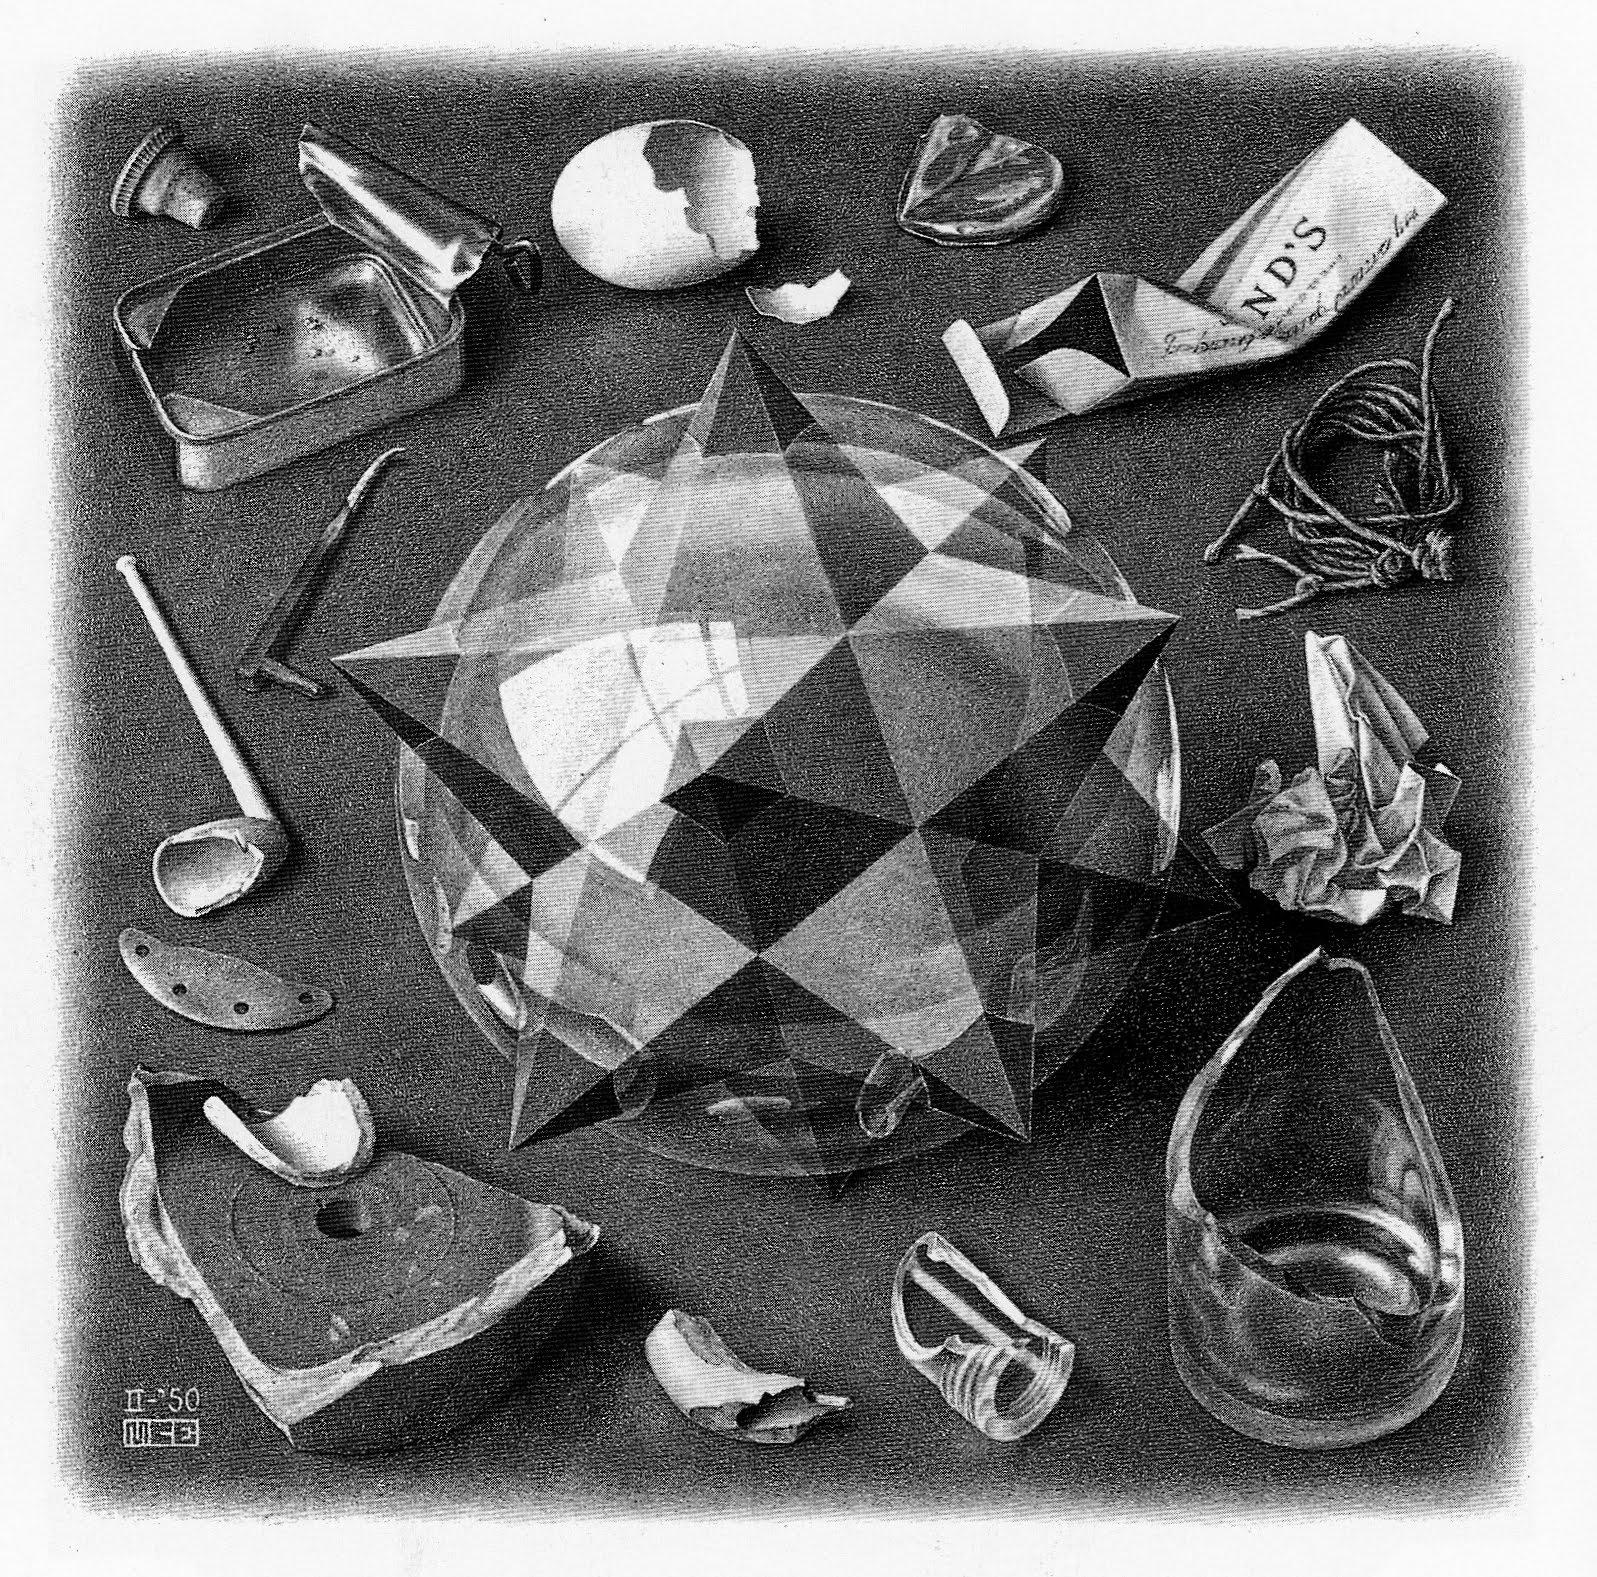 Poes a abierta obra de escher 39 orden y caos 39 y mosaico ii for Espejo y reflejo del caos al orden pdf